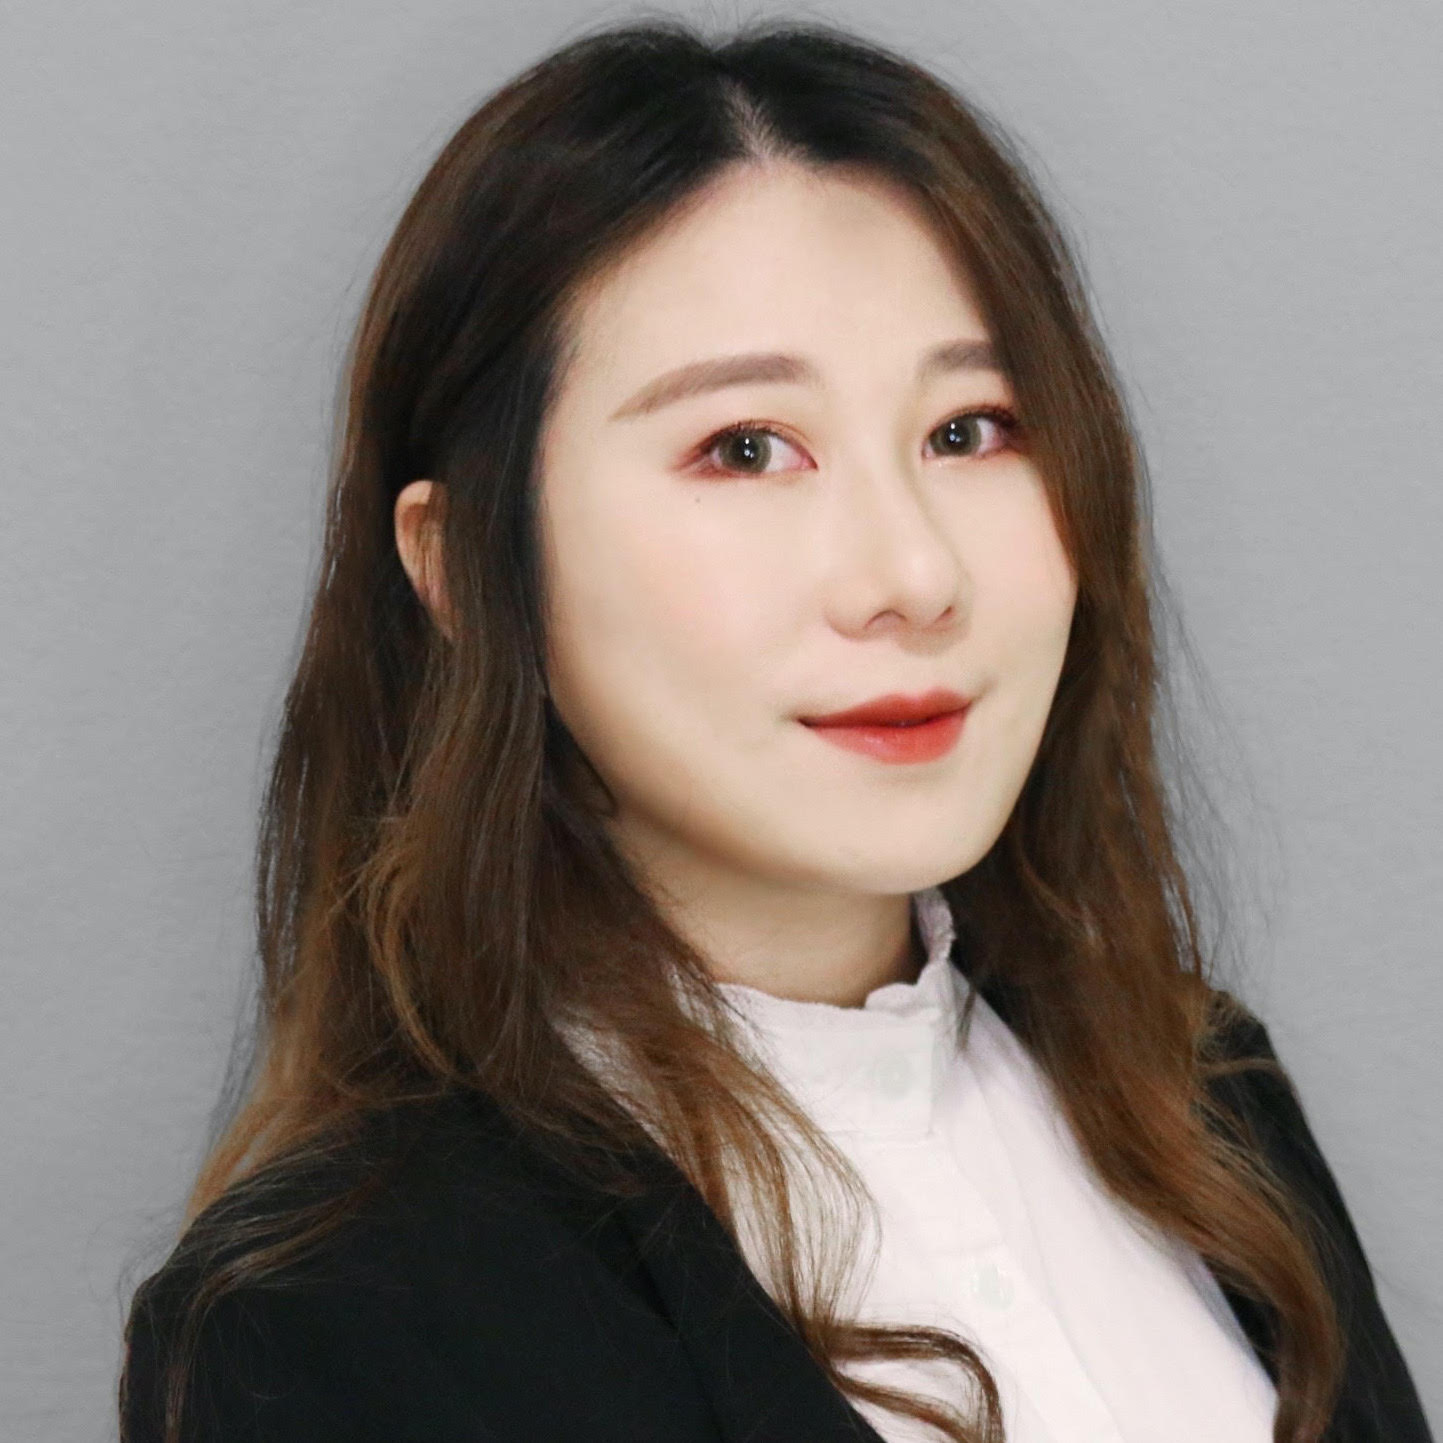 Zoey (Xiao) Zhu